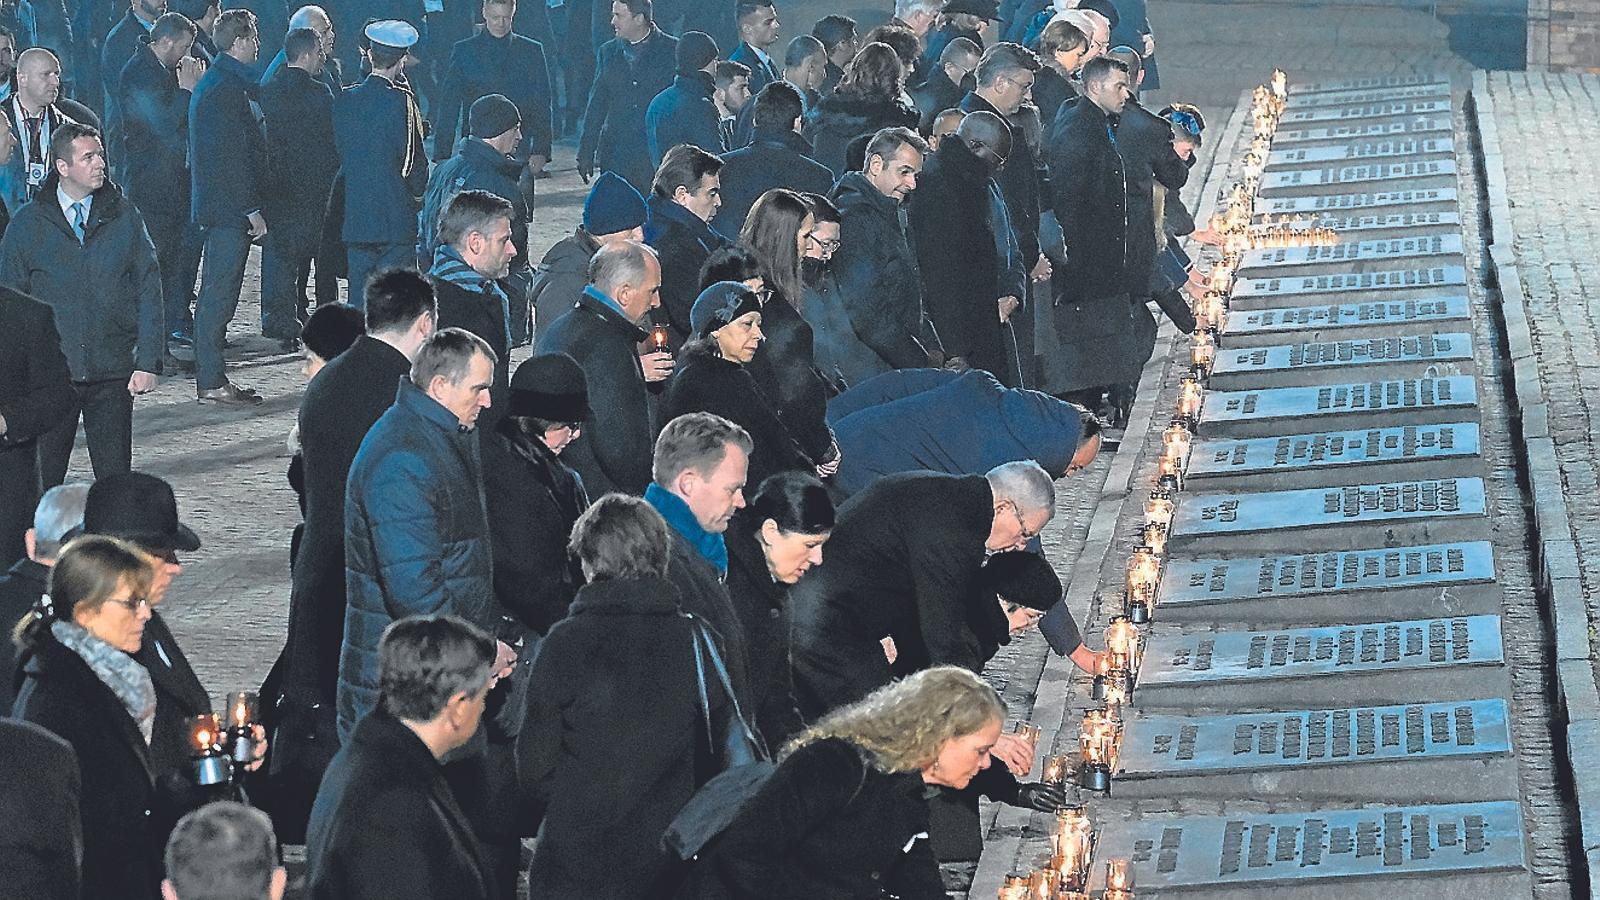 Homenatge a les víctimes de l'Holocaust al camp d'Auschwitz